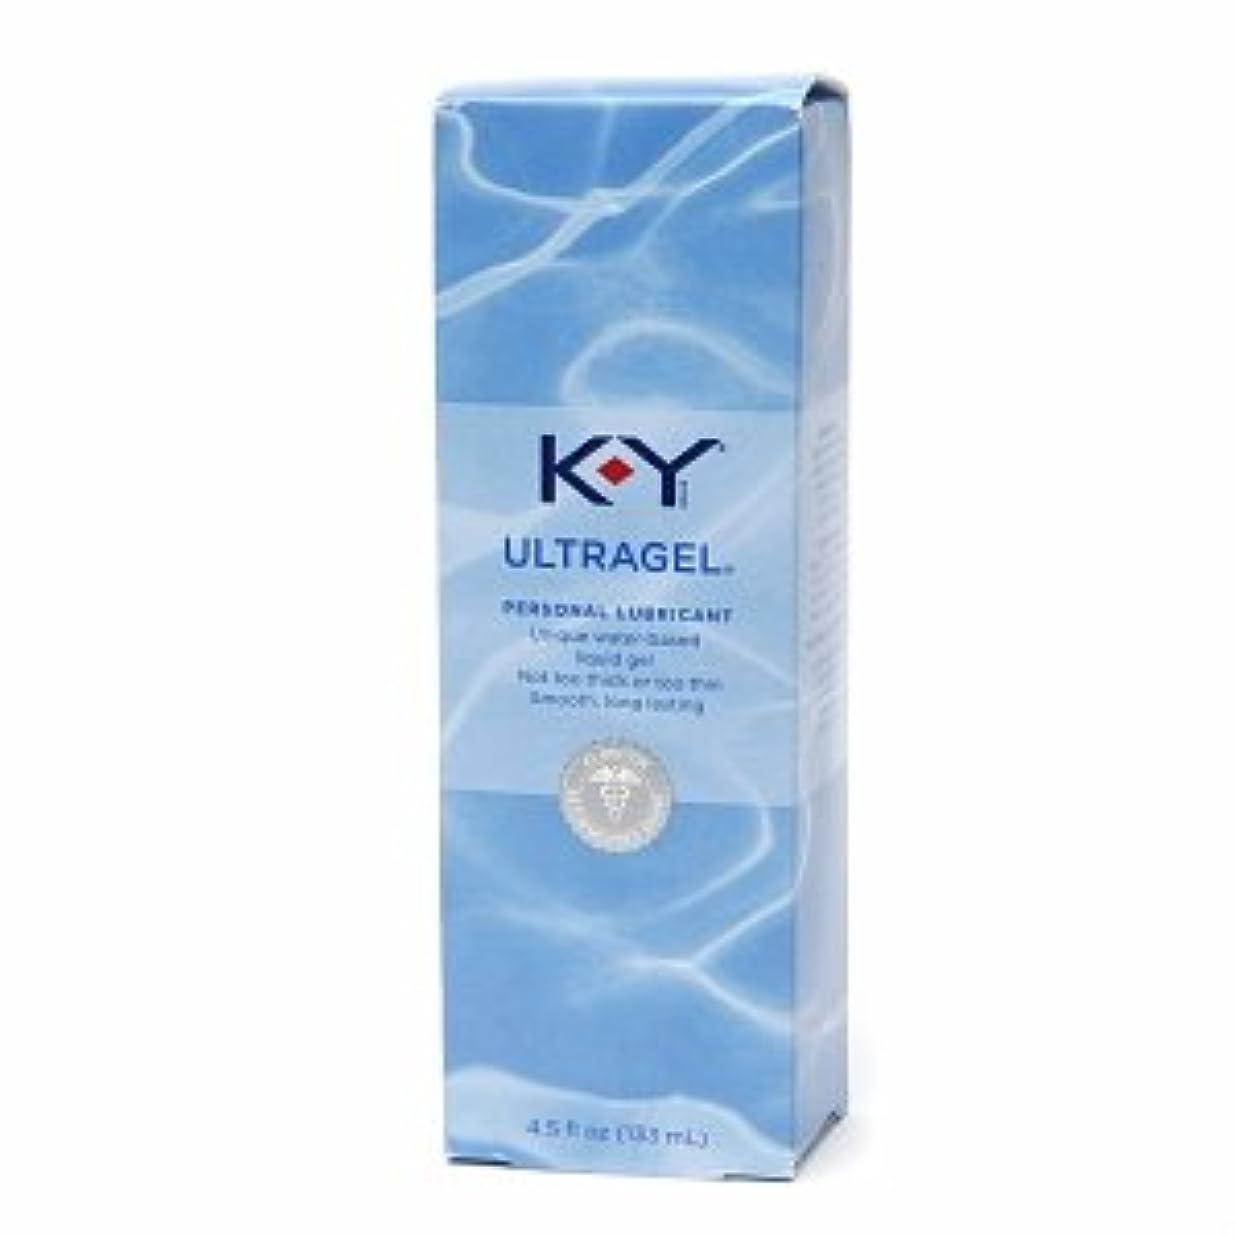 吐き出す九アピール074 不感症で濡れにくい方へ【高級潤滑剤 KYゼリー】 水溶性の潤滑ジェル42g 海外直送品